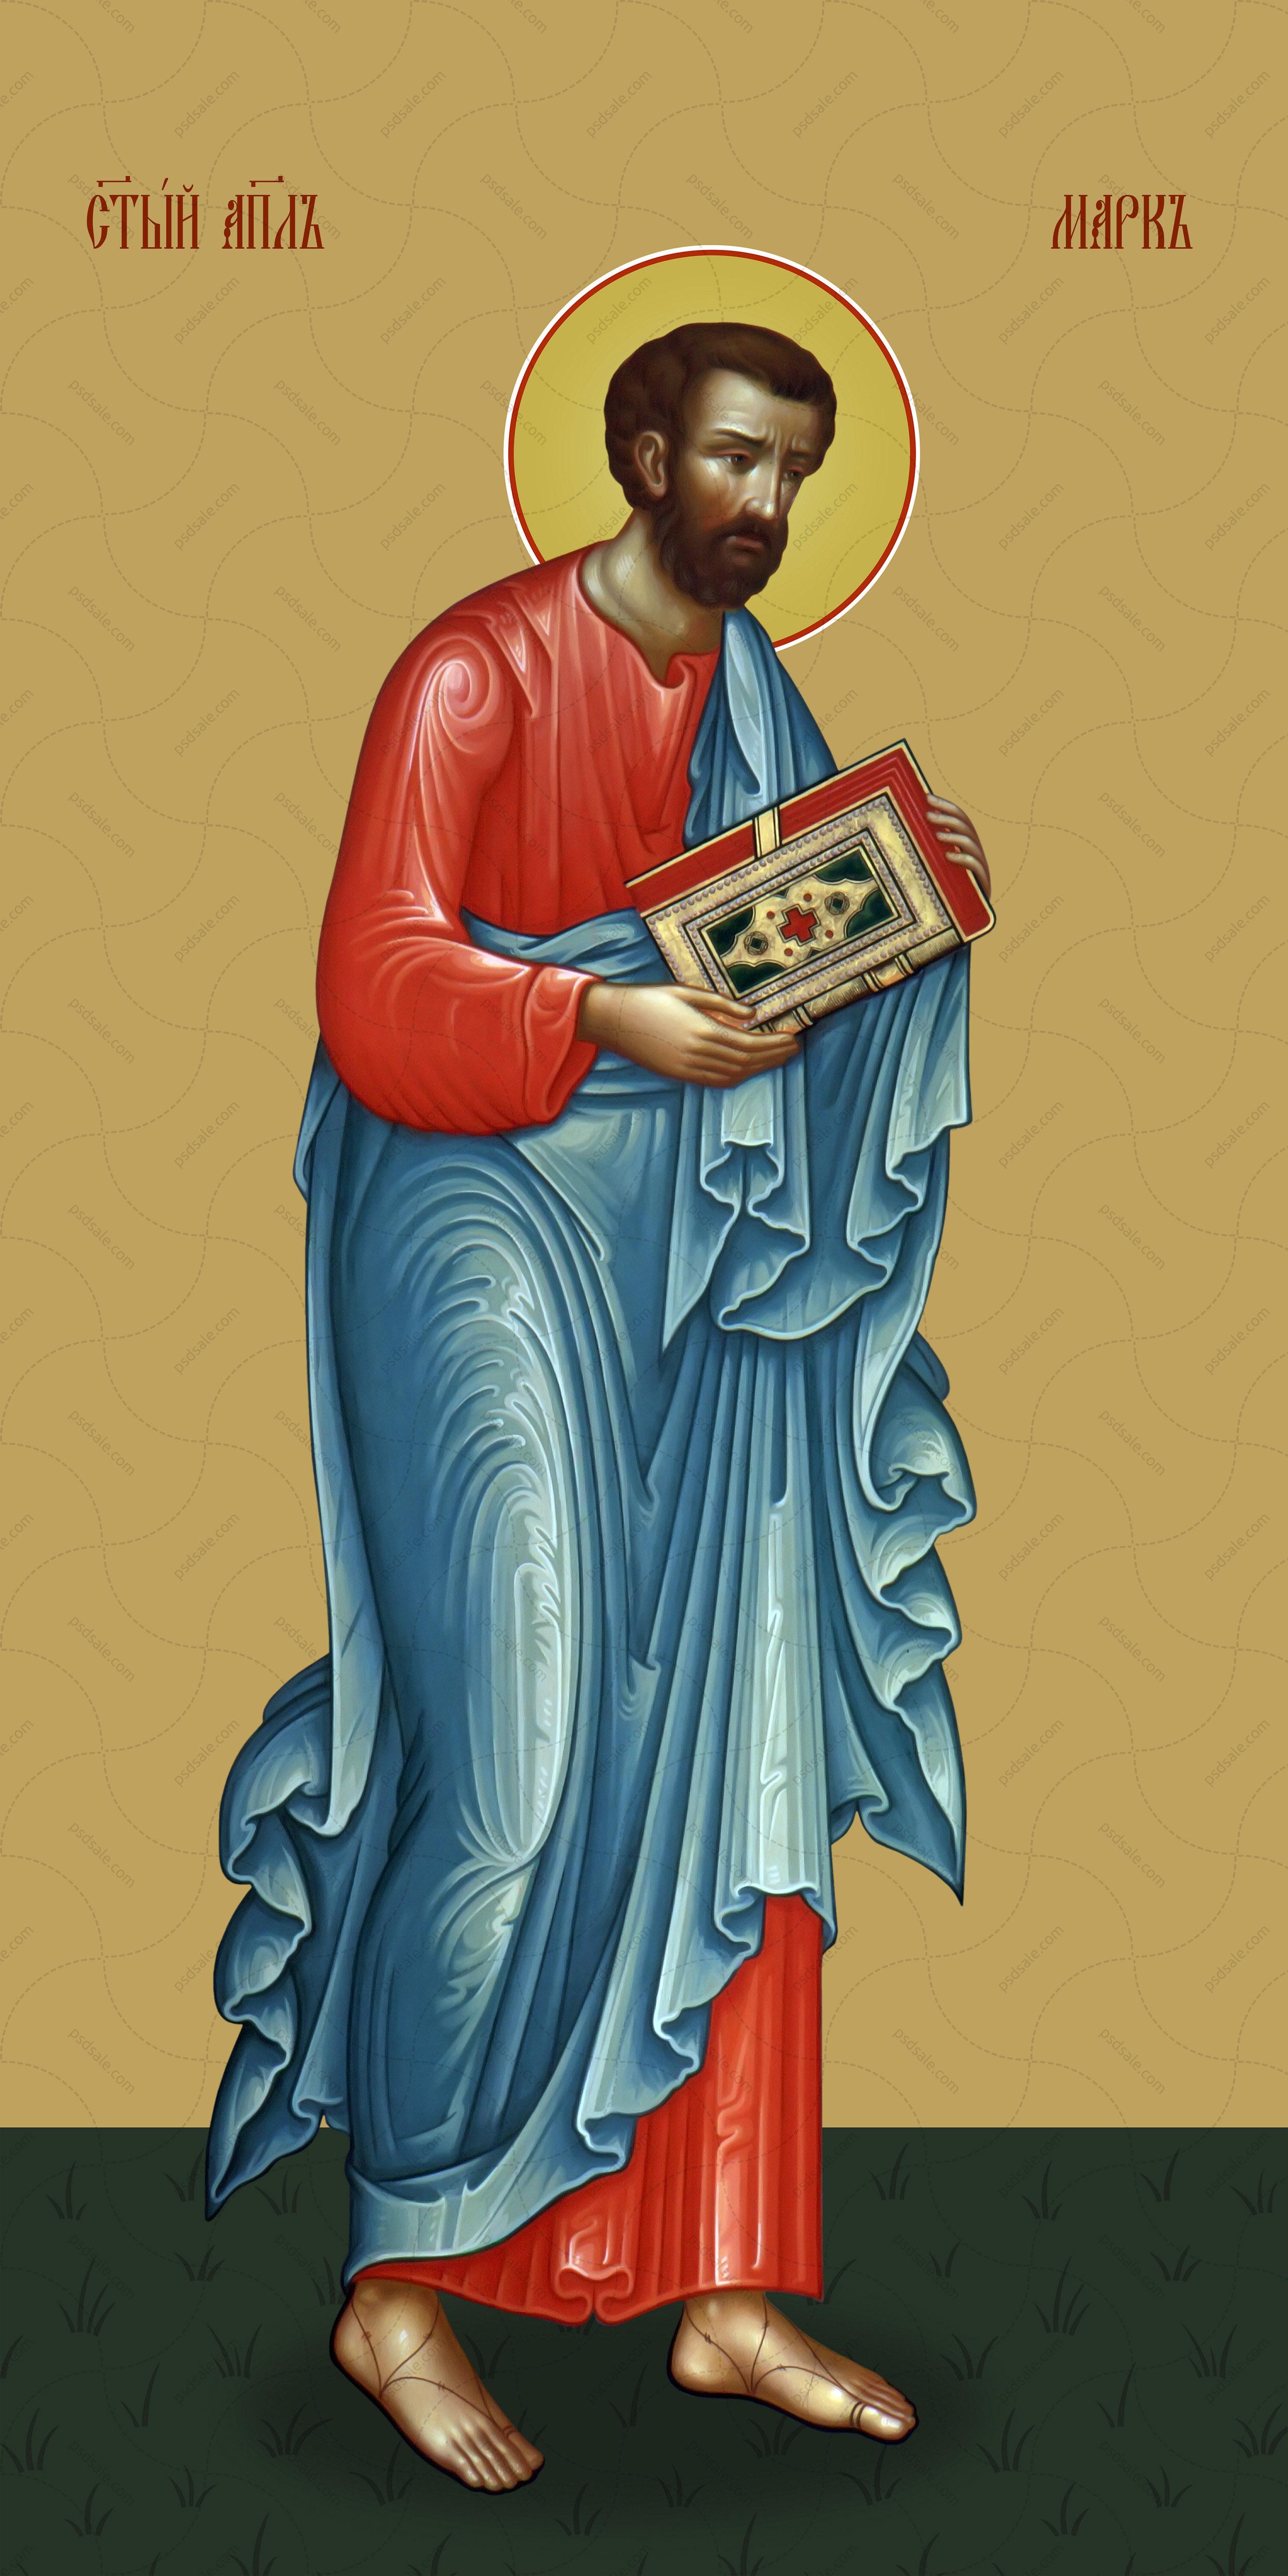 Мерная икона, Марк, апостол